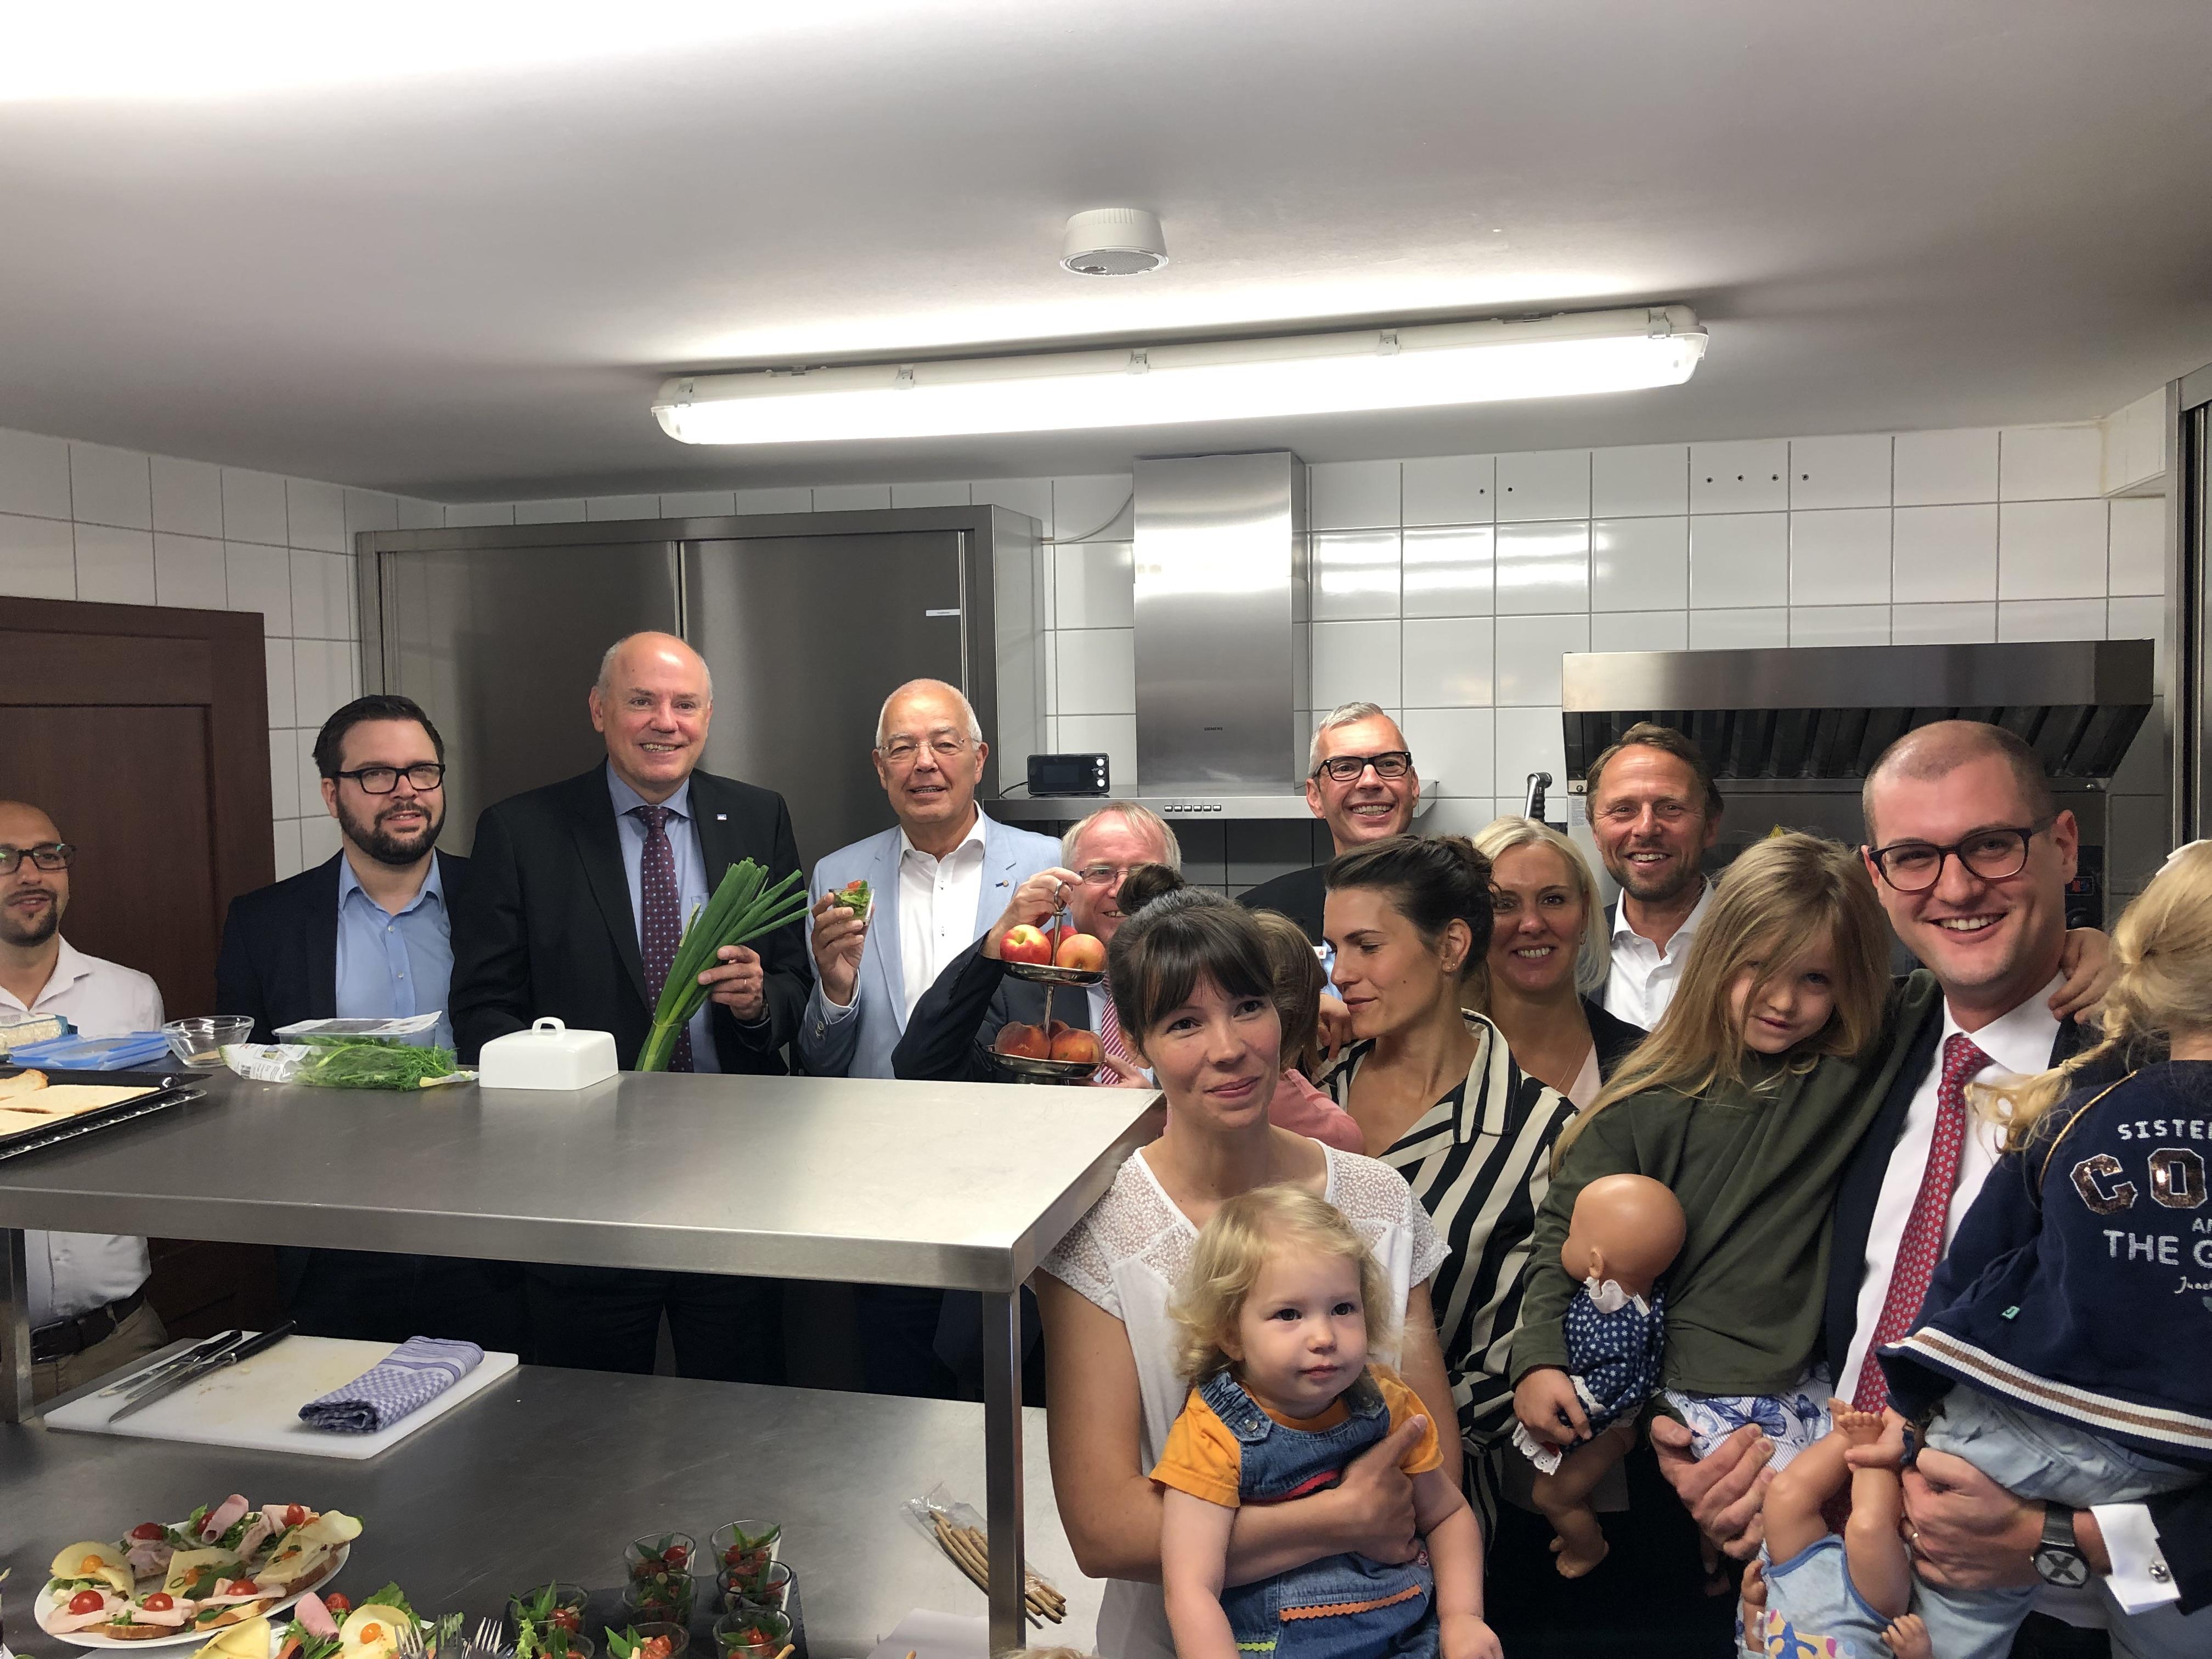 Eine Versammlung in der Küche